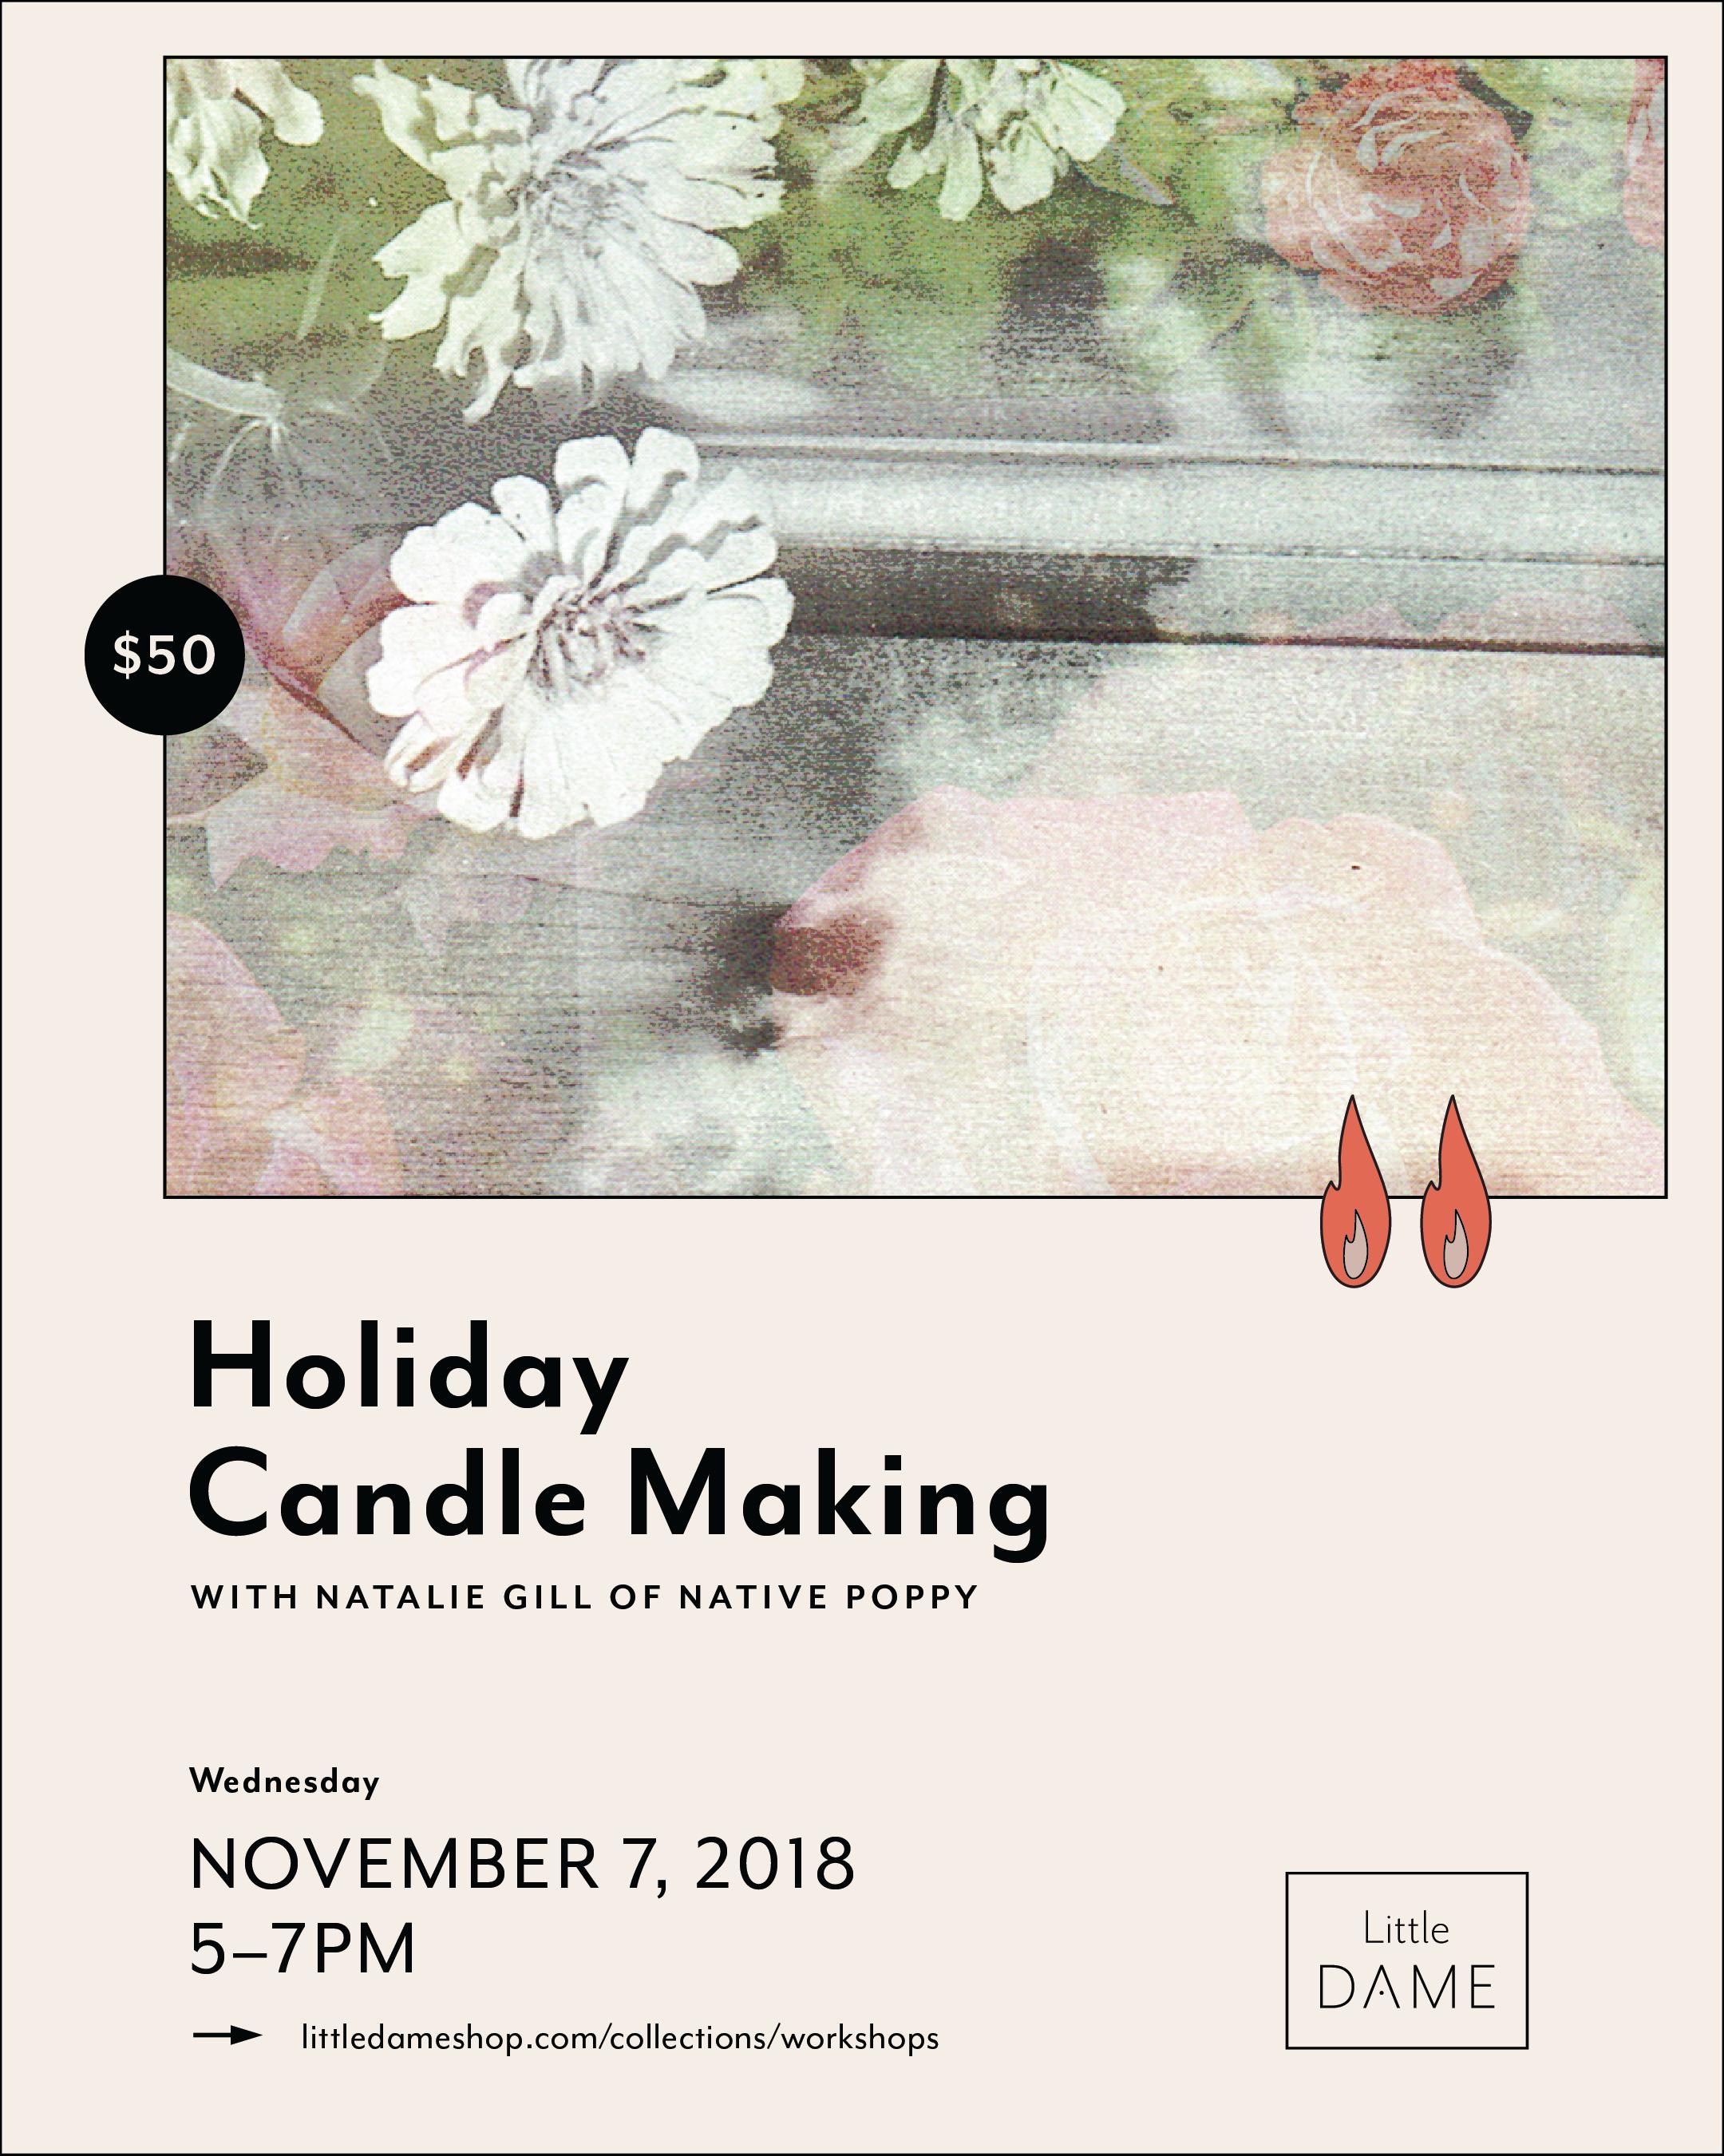 Little Dame Shop | Natalie Gill Candle Making Workshop | Flyer